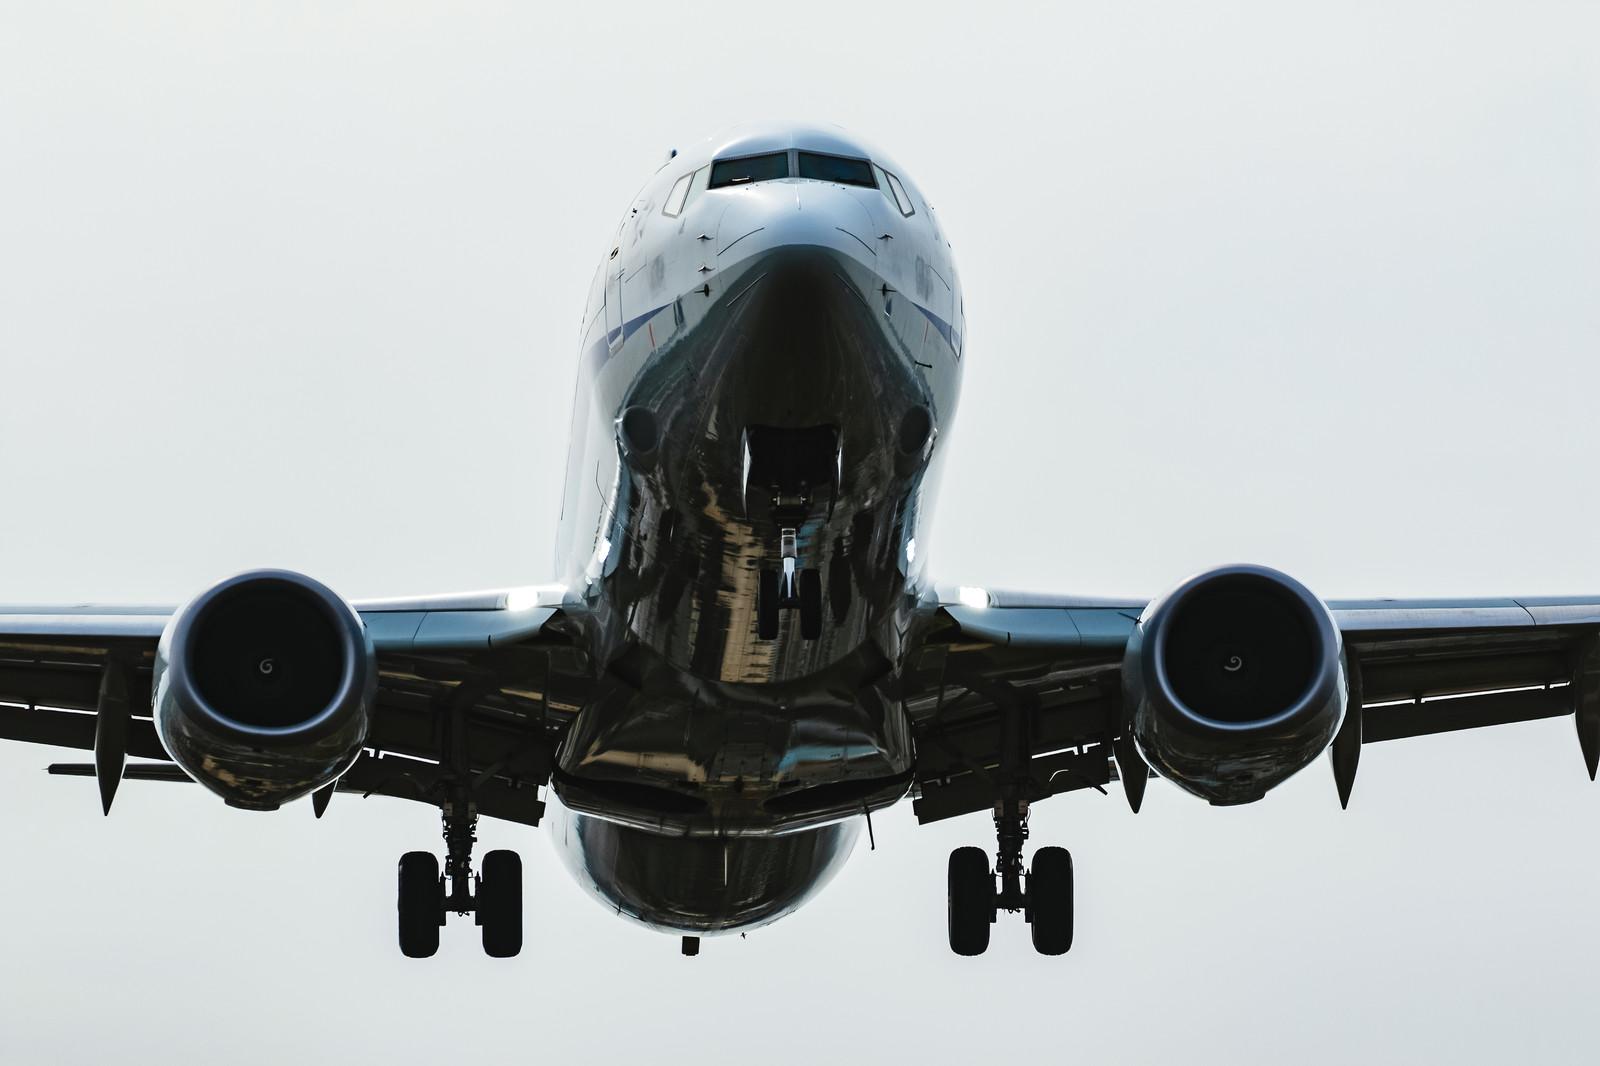 飛行機で快適に過ごす方法をご紹介!